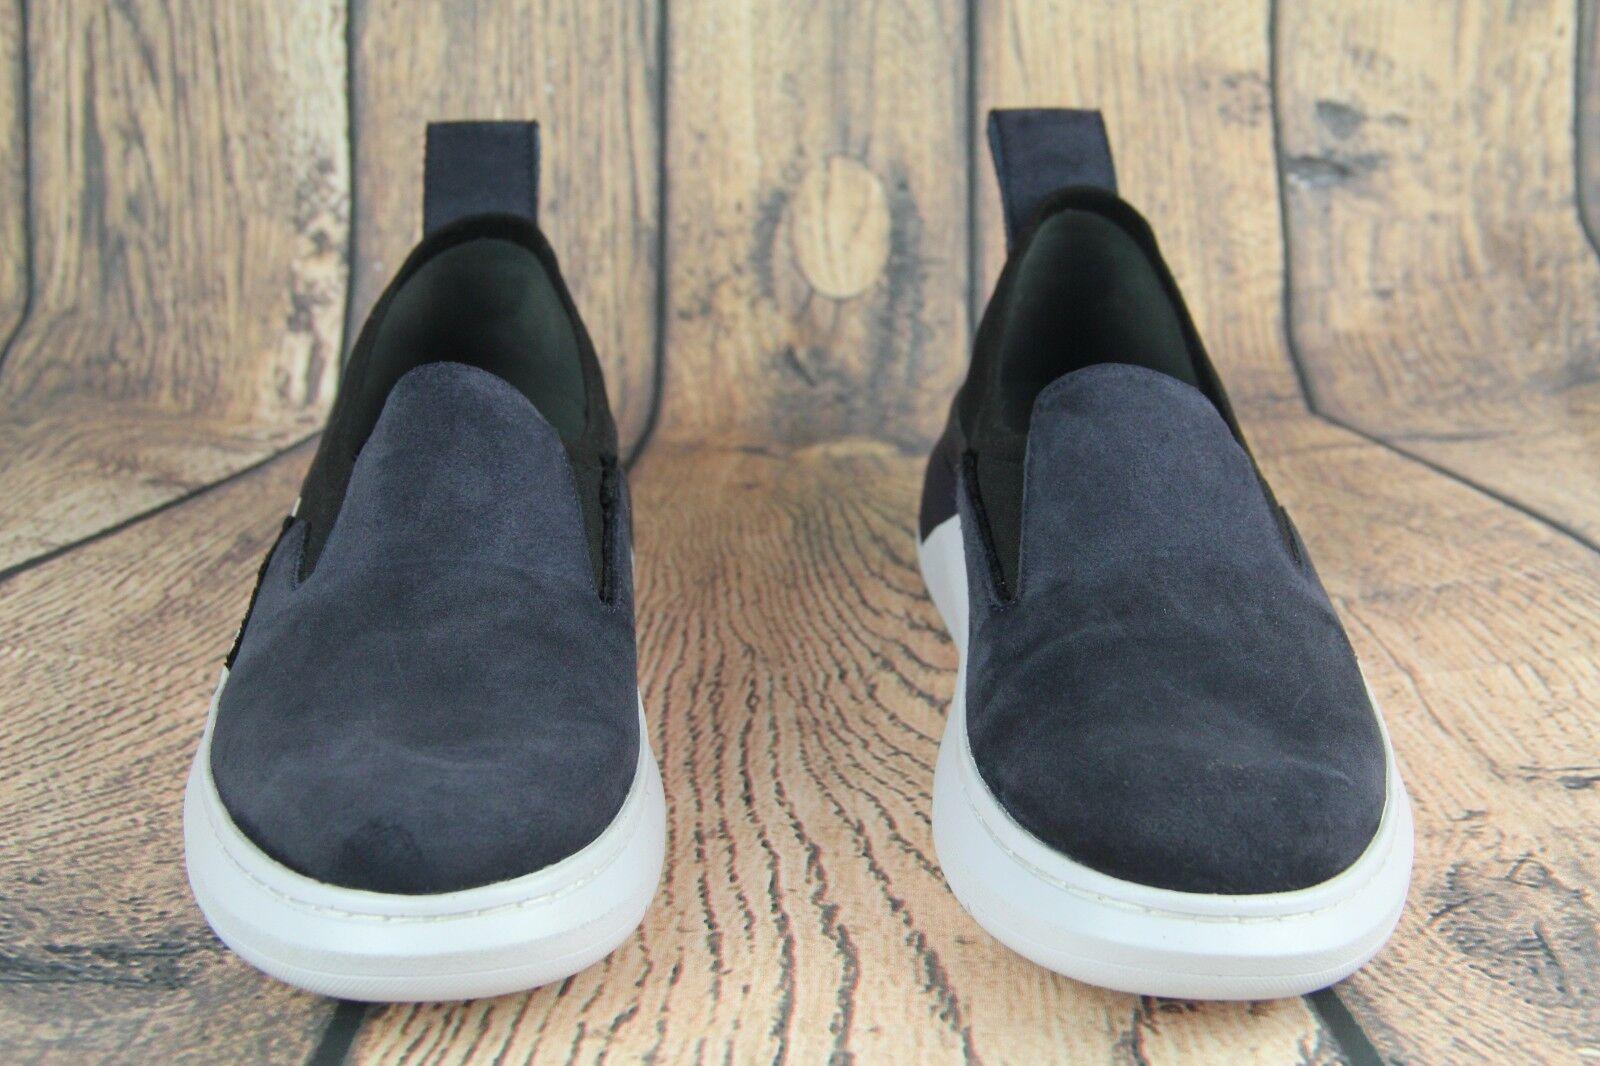 Under Armour Sportswear Shoes Blue Black White 3020828-400 WMNS SZ 9.5